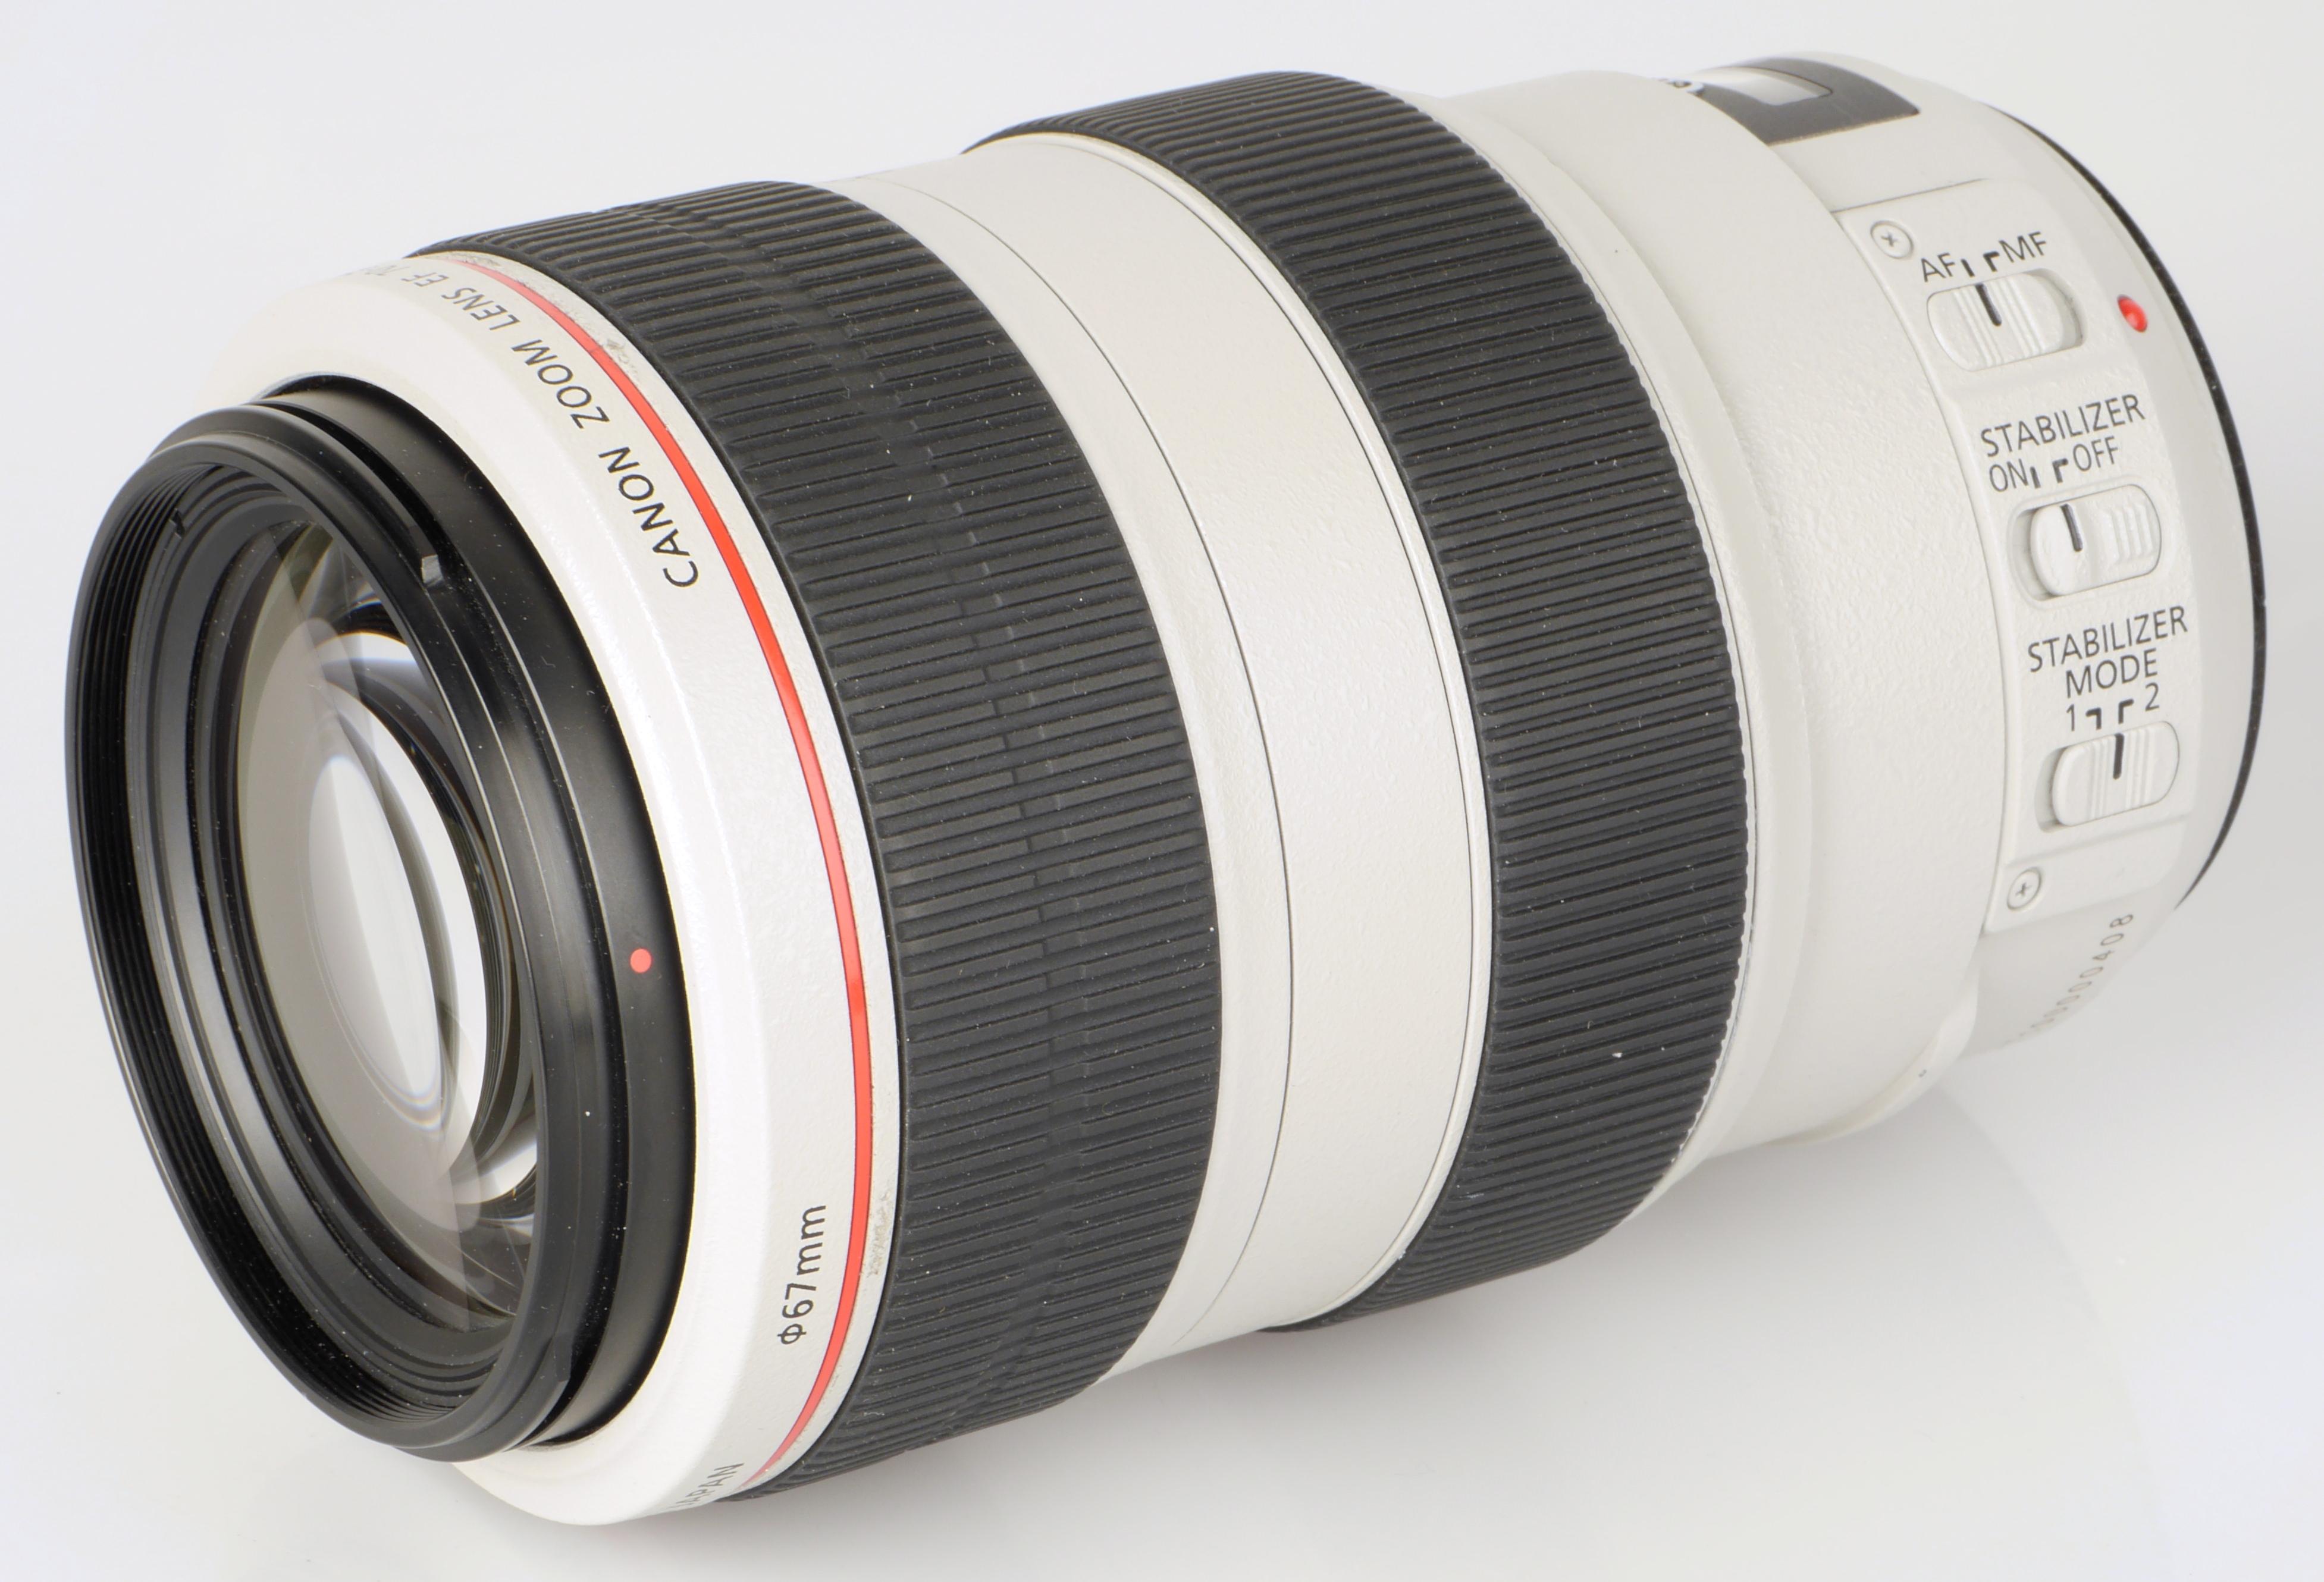 canon ef 70 300mm f 4 5 6l is usm lens review. Black Bedroom Furniture Sets. Home Design Ideas